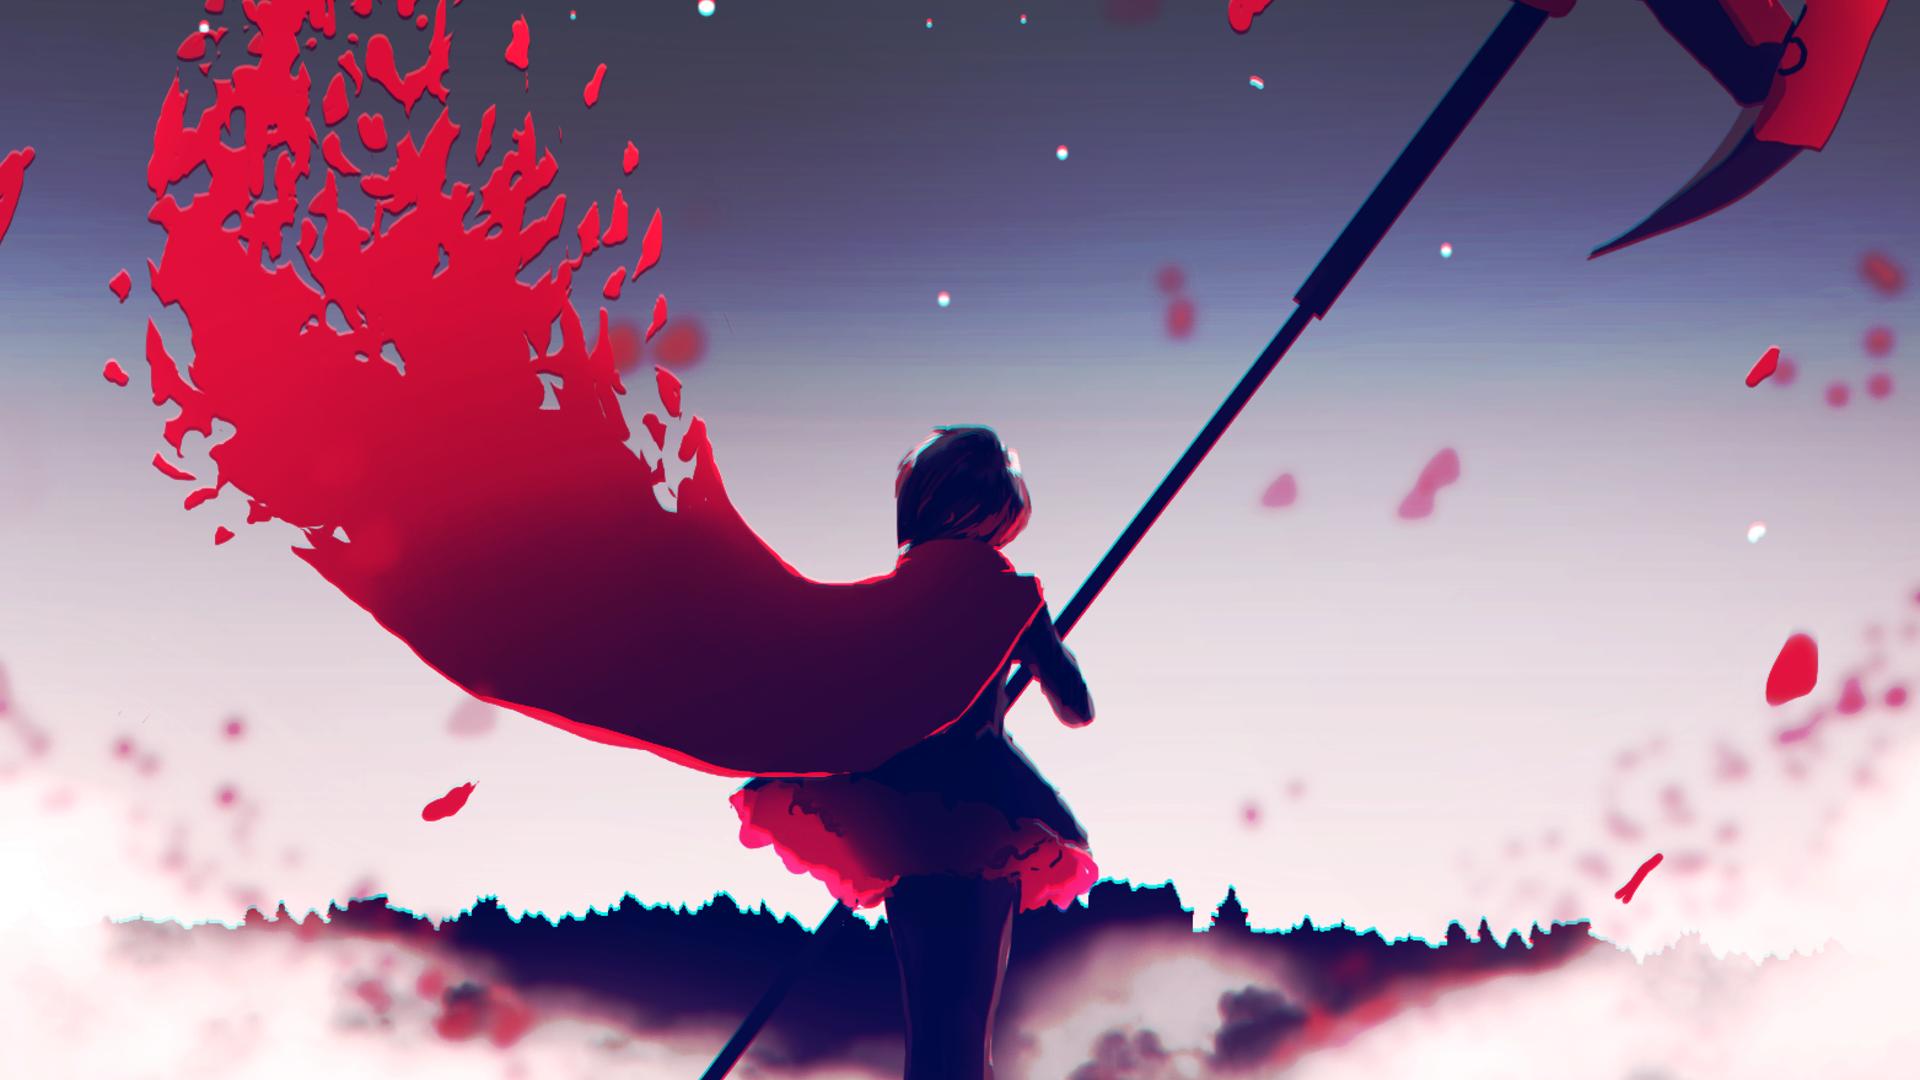 Anime Rwby Ruby Rose Rwby Wallpaper Rwby Rwby Wallpaper Rose Wallpaper